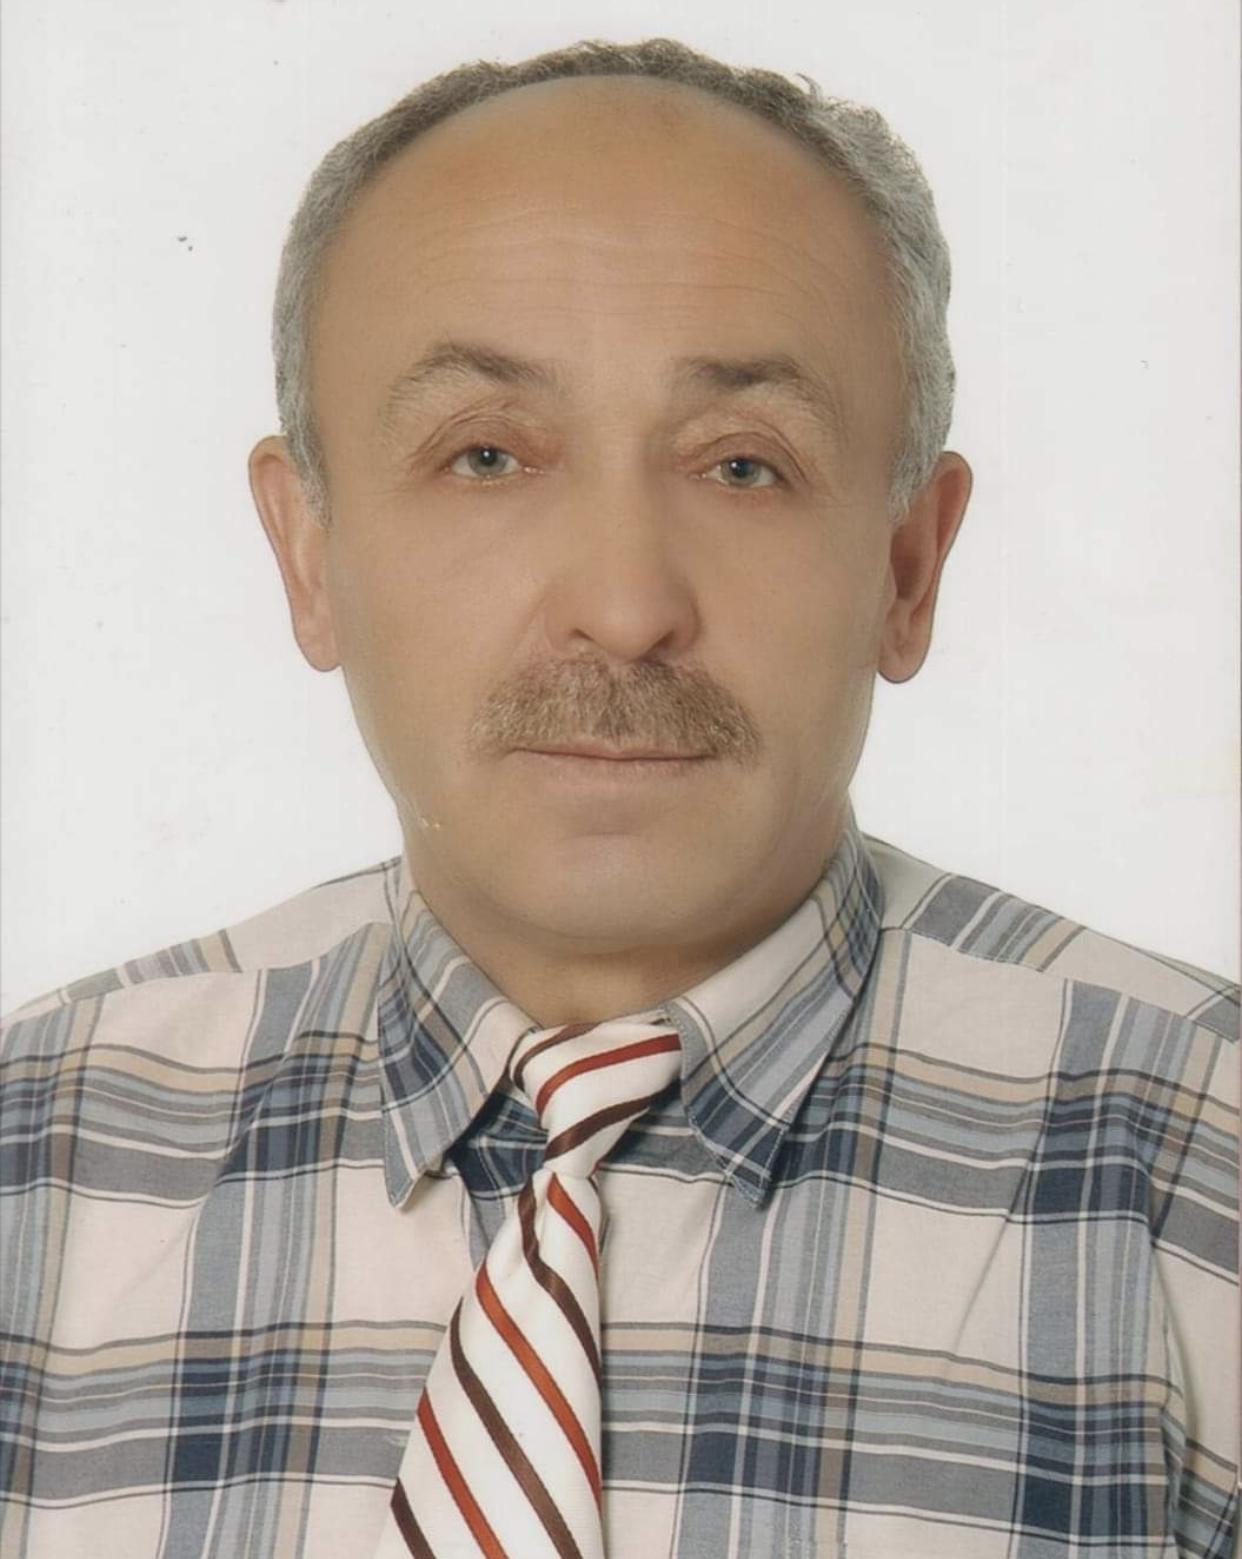 Sitemiz Köşe Yazarı Bahadır Kayımoğlu'nun Babası Emekli Öğretmen Avni Kayım Vefat Etti